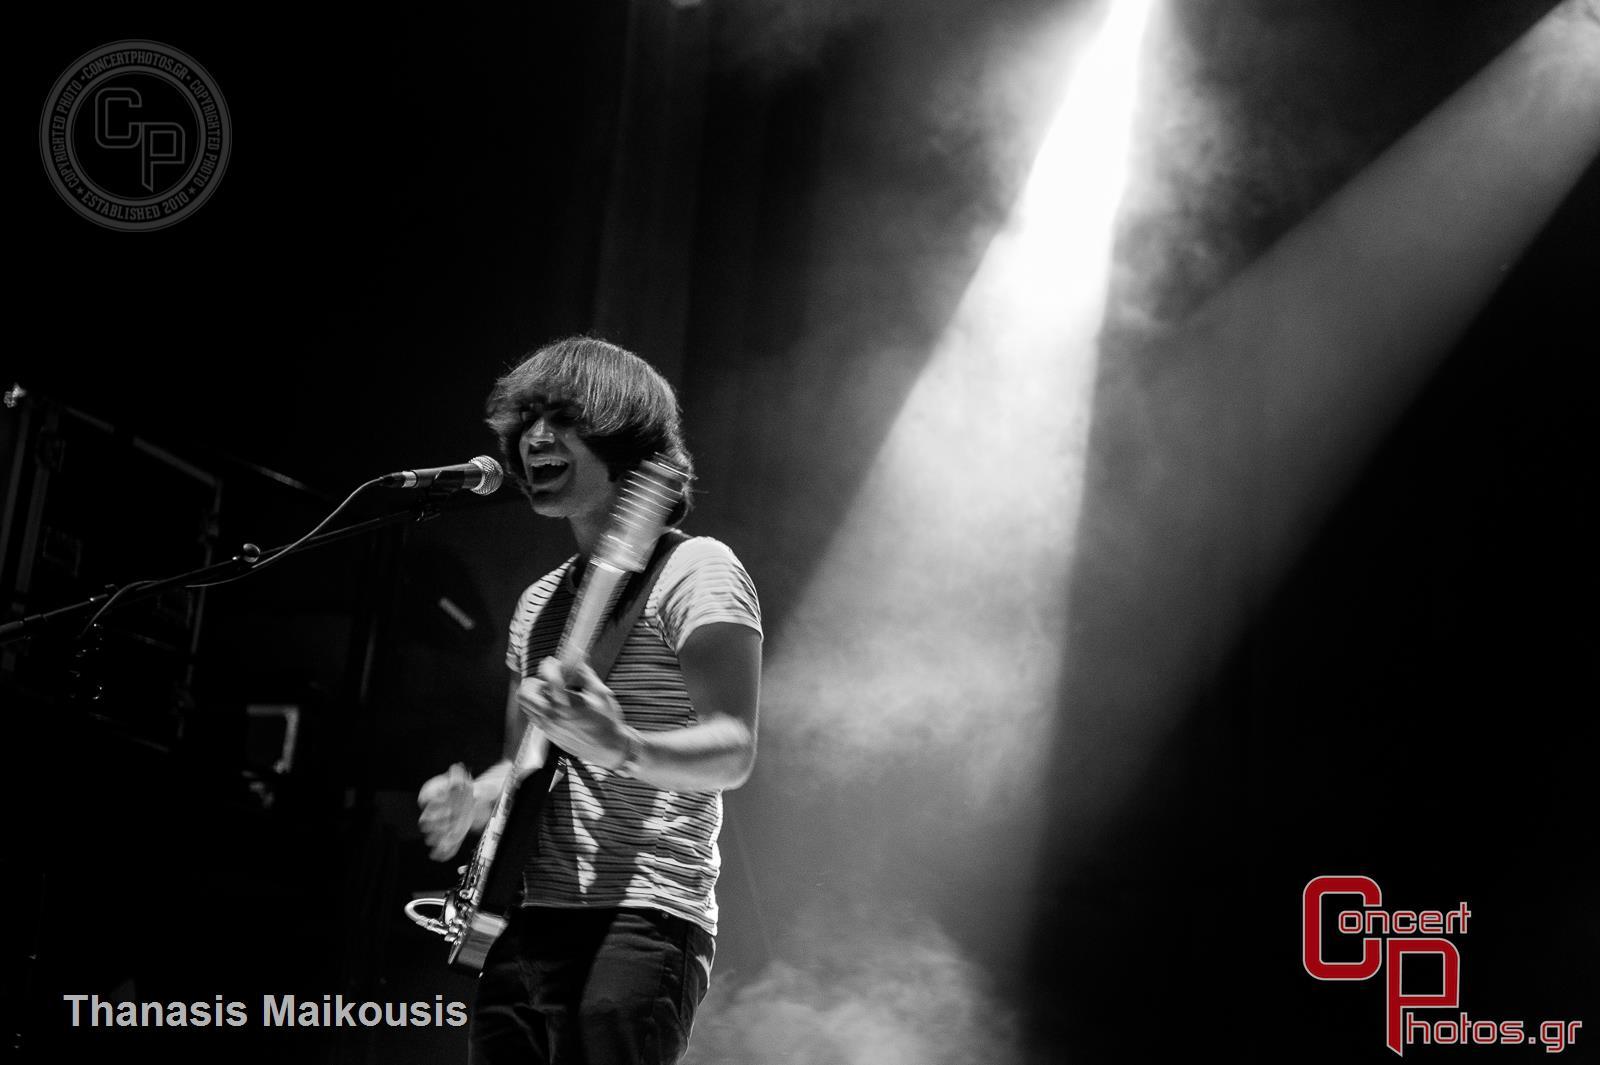 Allah Las & My Drunken Haze -Allah Las My Drunken Haze  photographer: Thanasis Maikousis - ConcertPhotos - 20141101_2311_51